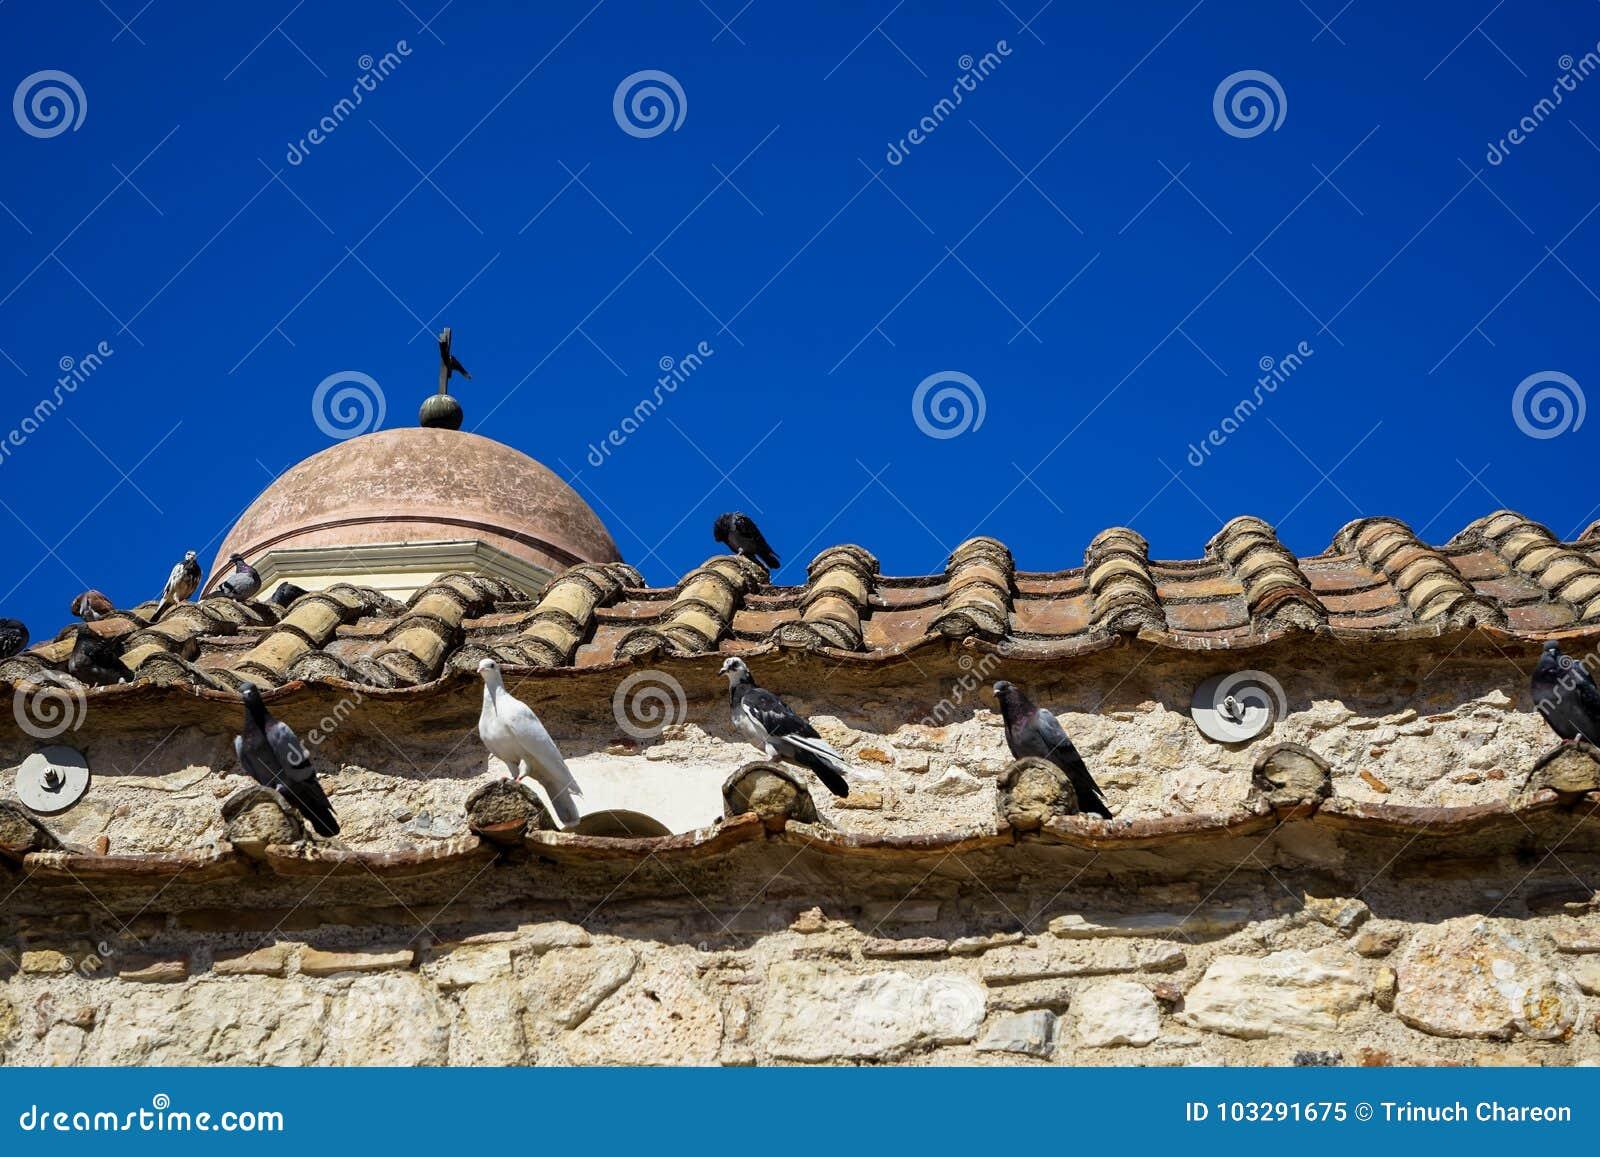 Klasyczna scena gołębie w białym, czarnym i popielatym kolorze na terakotowej dachowej płytce stary klasyczny mały kościół w ziem